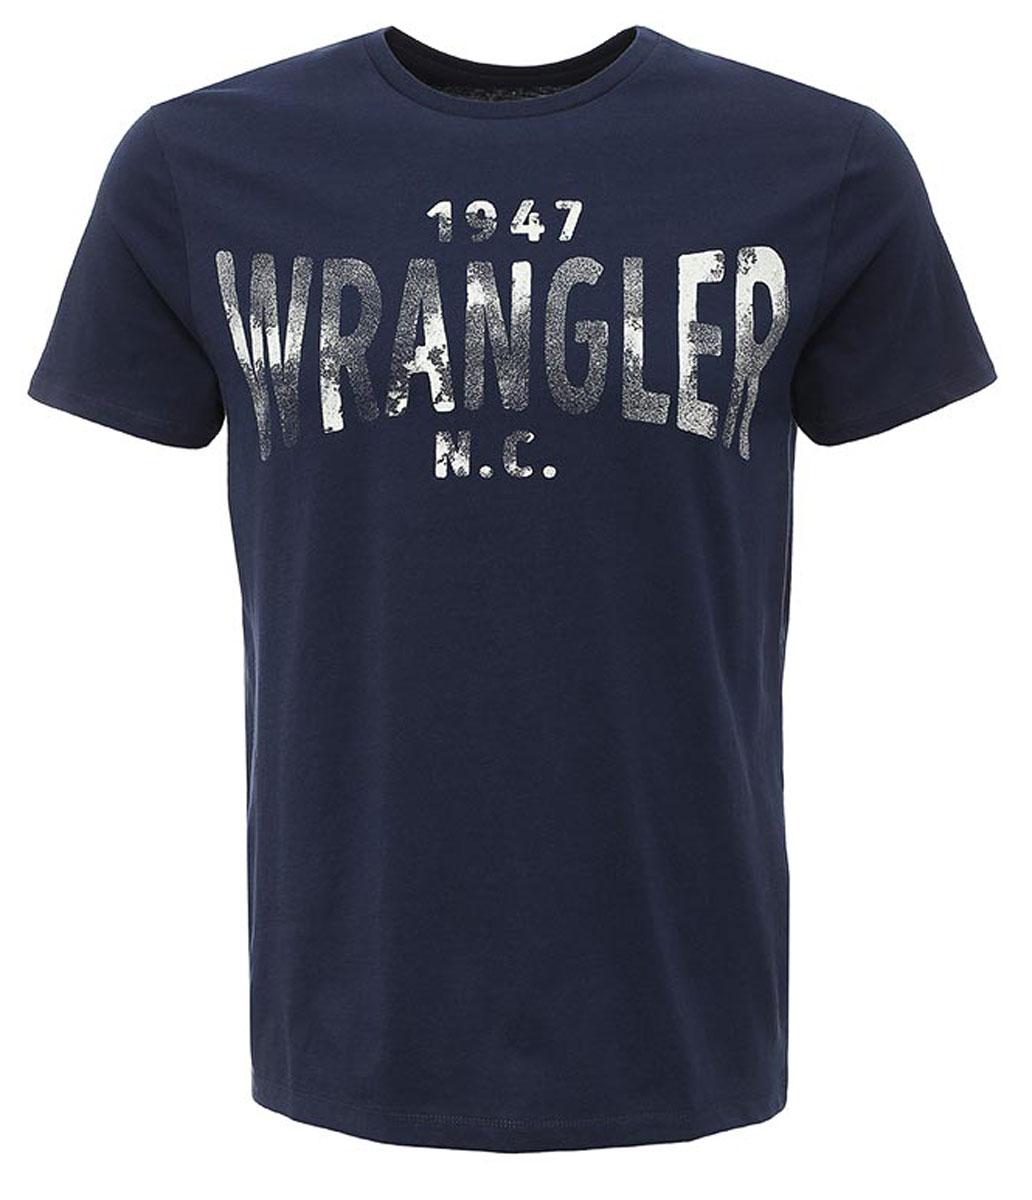 W7A51FK47Стильная мужская футболка Wrangler S/S Wrangler изготовлена из натурального хлопка. Модель с круглым вырезом горловины и короткими рукавами оформлена принтом с надписями.